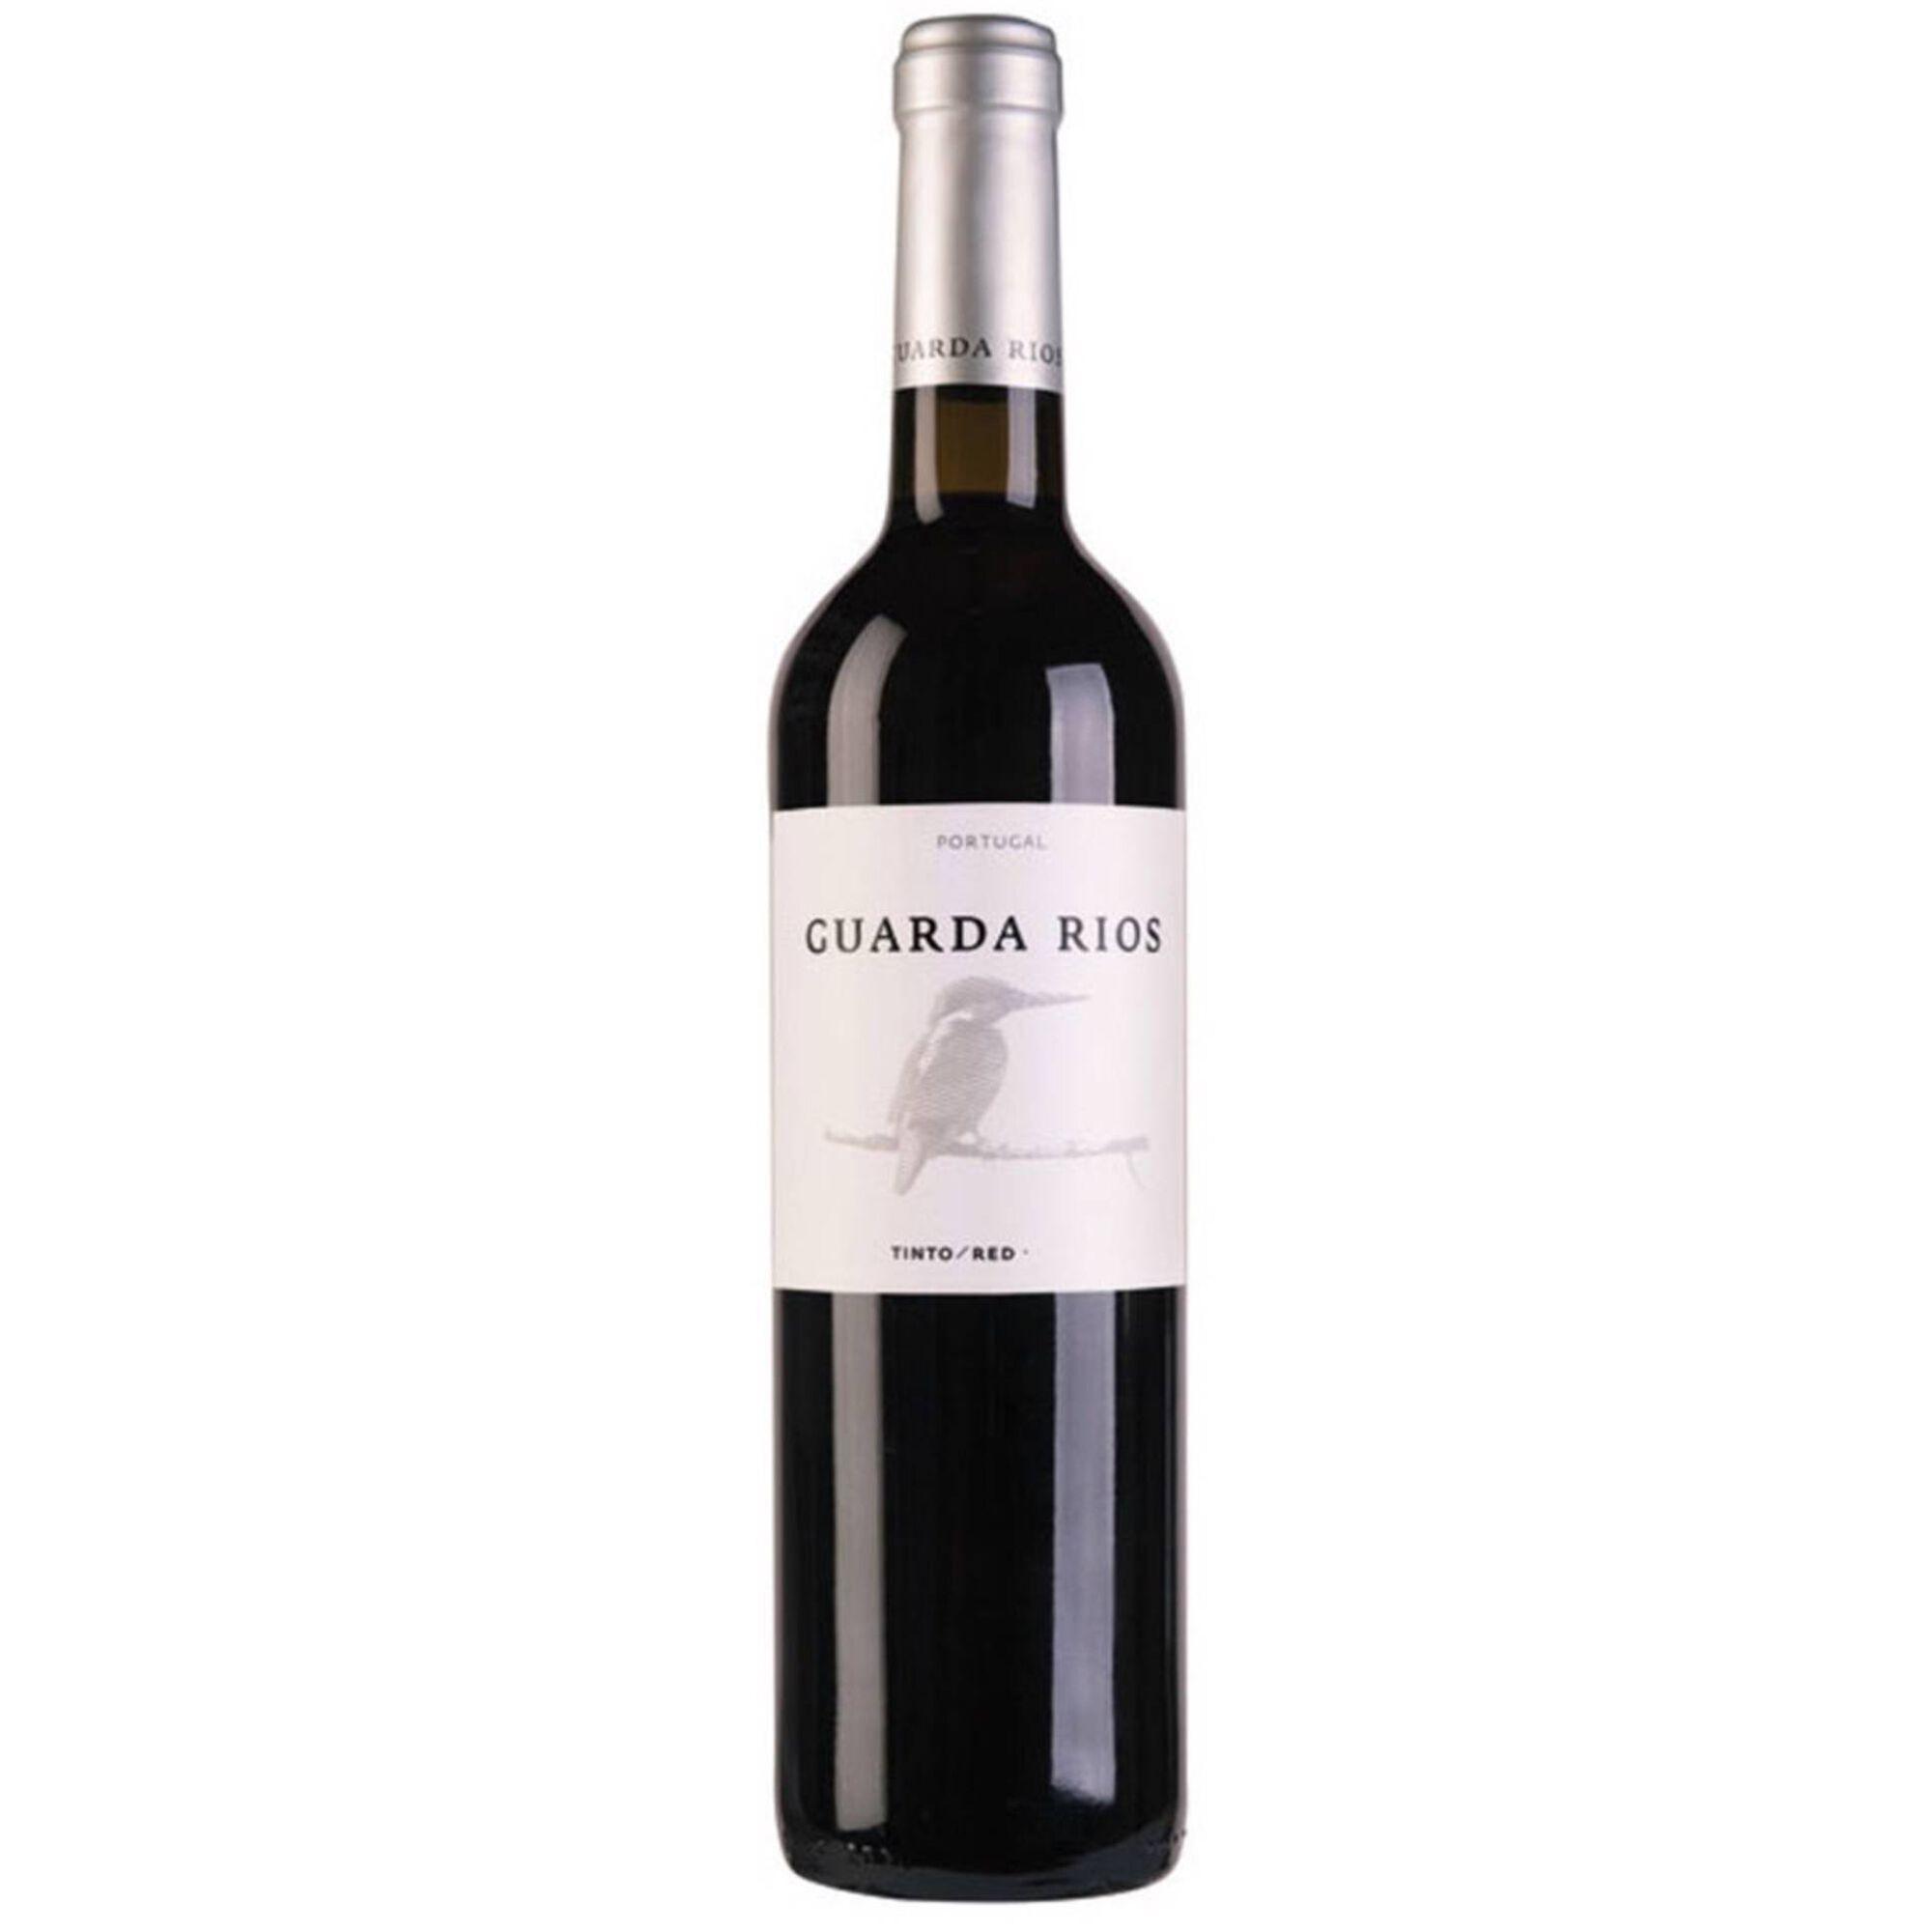 Guarda Rios Regional Alentejano Vinho Tinto